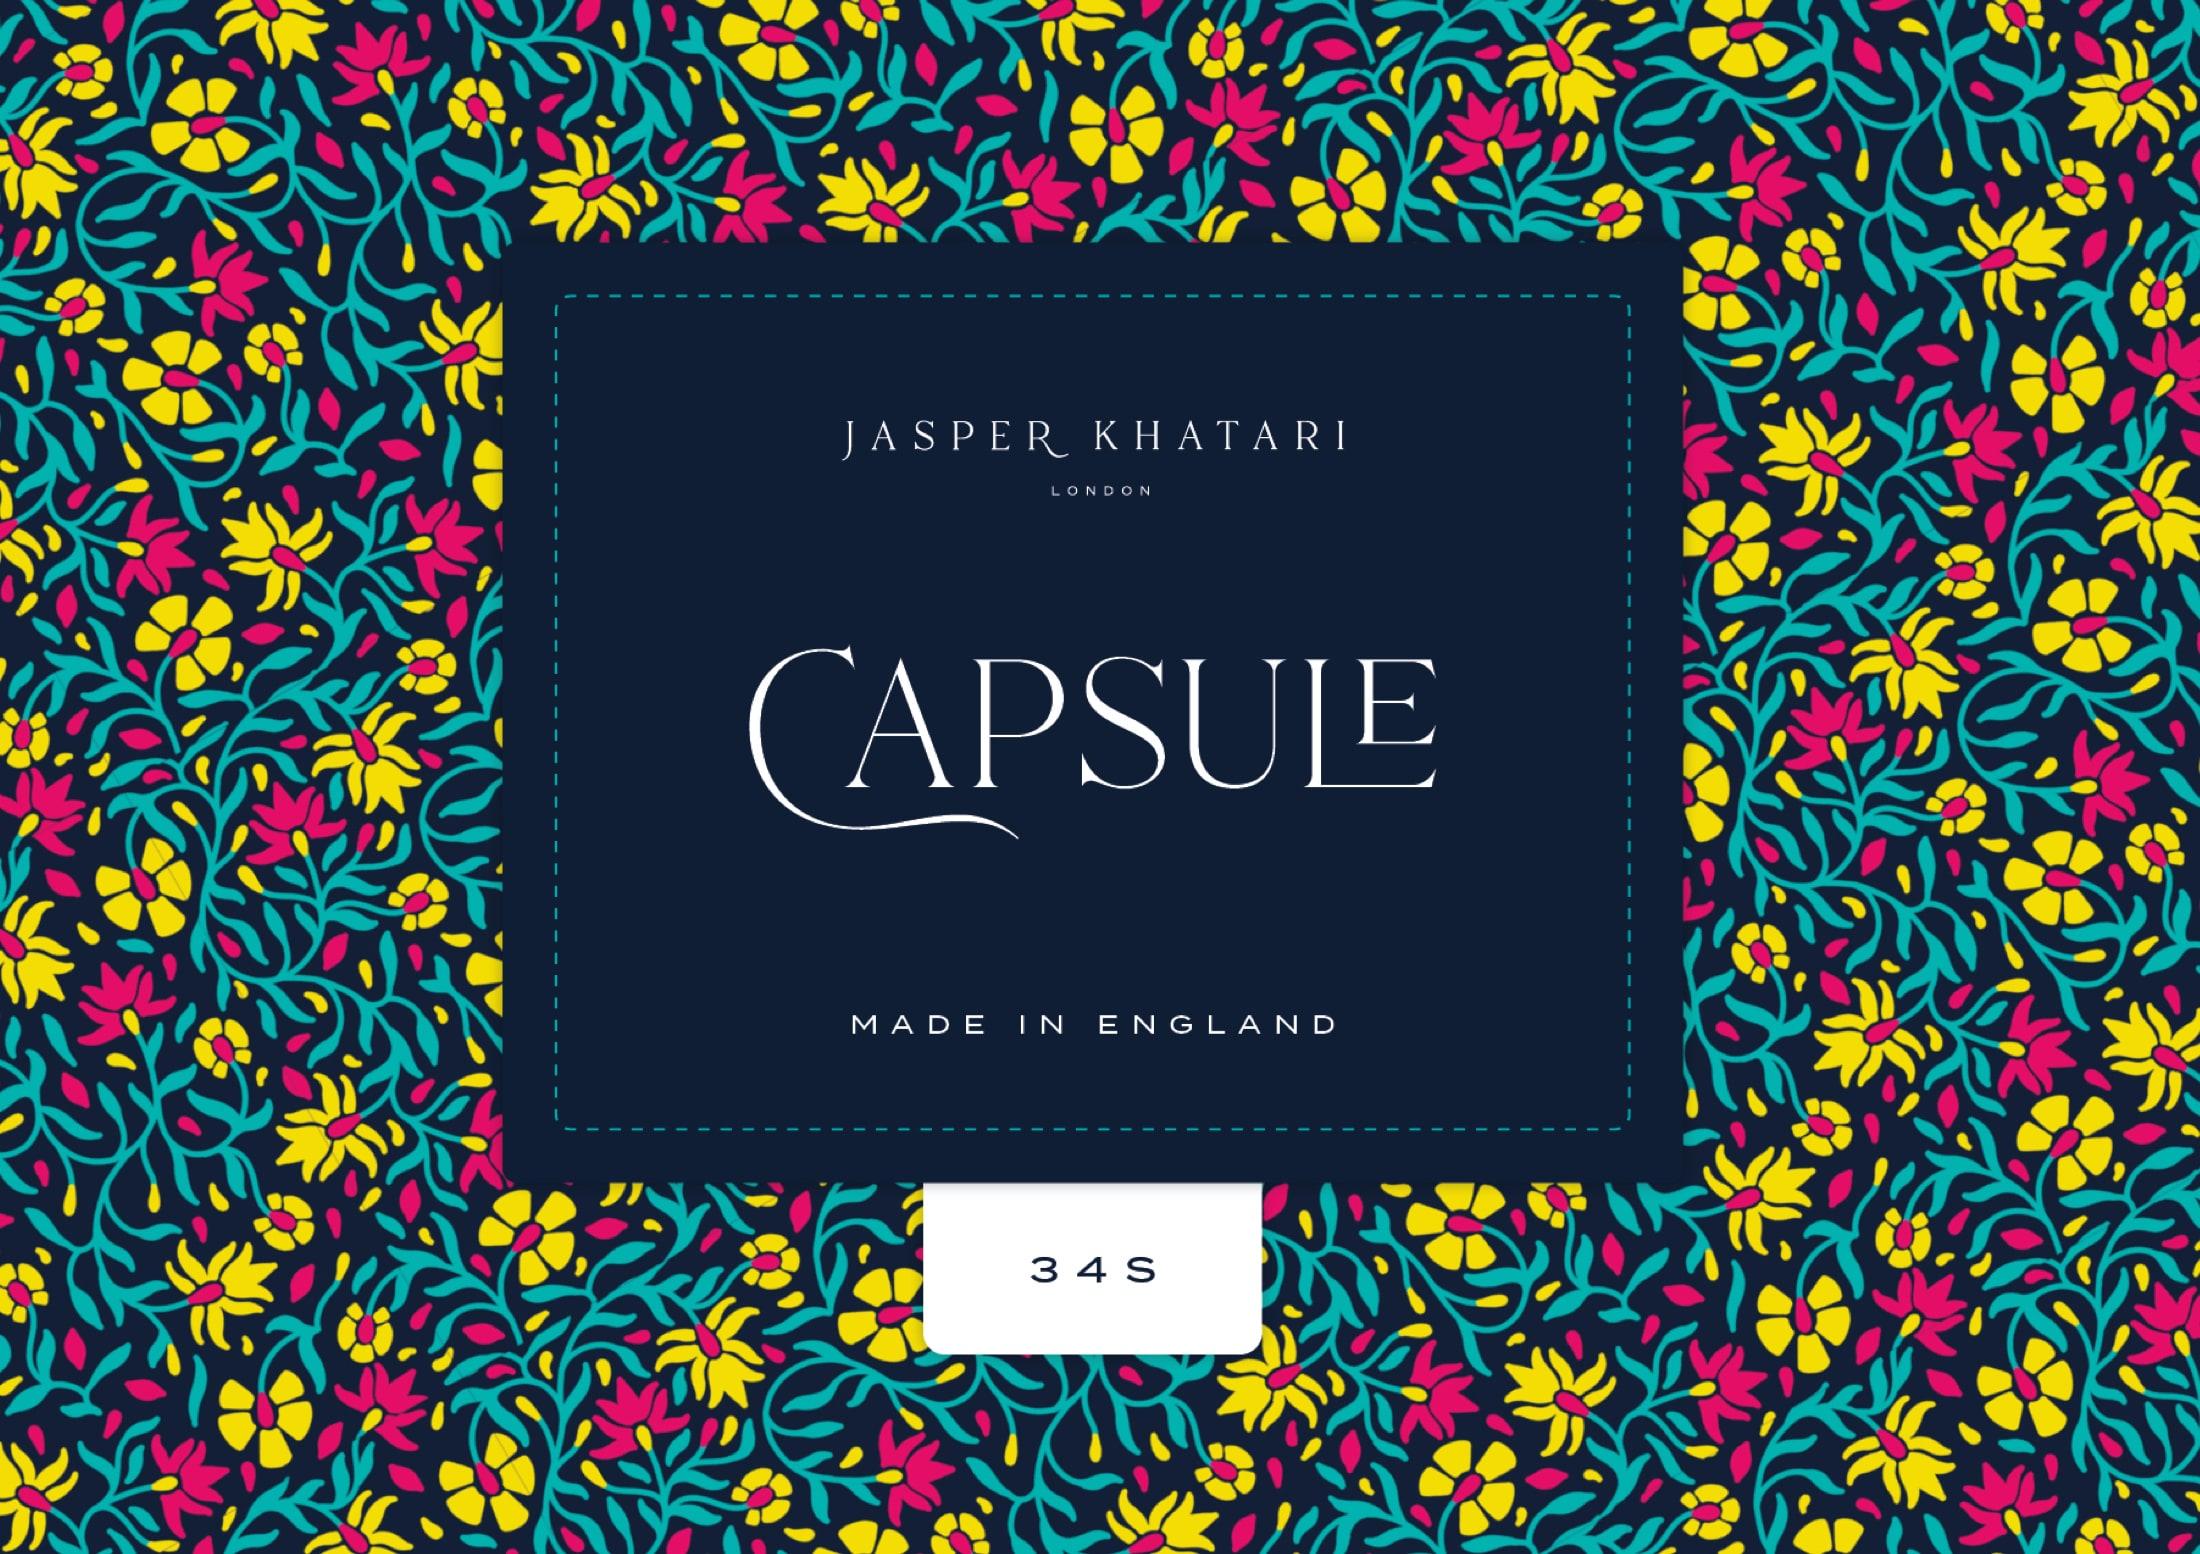 Woven label design for Savile Row tailor, Jasper Khatari